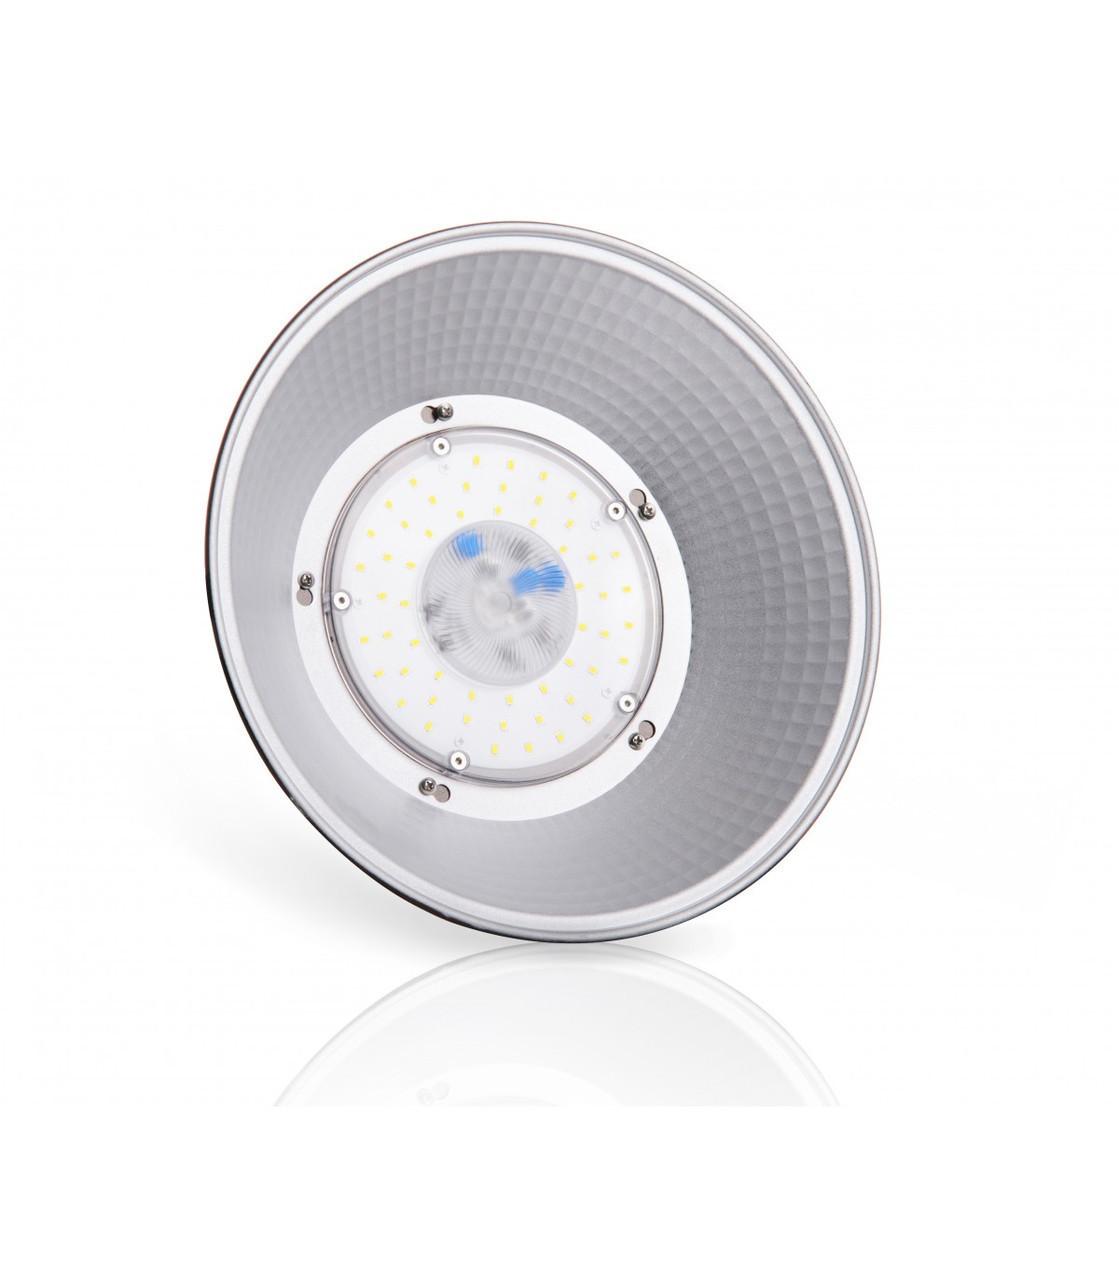 Светильник подвесной LED 100 Вт  ДСП 12 IP65 (HighBay)